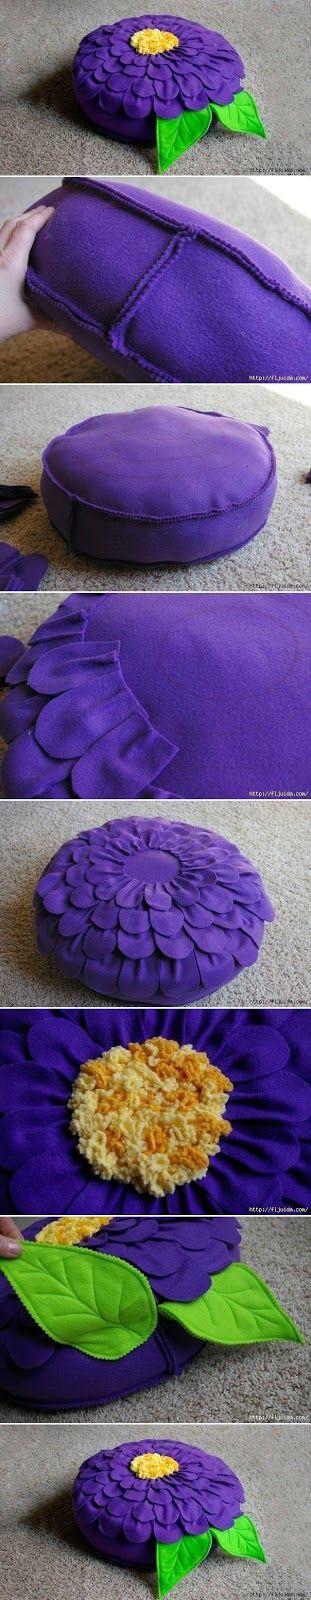 Come fare cuscini a forma di fiore. 5 facili tutorial. 5 bellissimi e semplici tutorial dal web, 5 progetti imperdibili, per realizzare dei bellissimi cuscini per abbellire la nostra casa, dare colore al vecchio divano o, perchè no, da regalare all'amica del cuore.